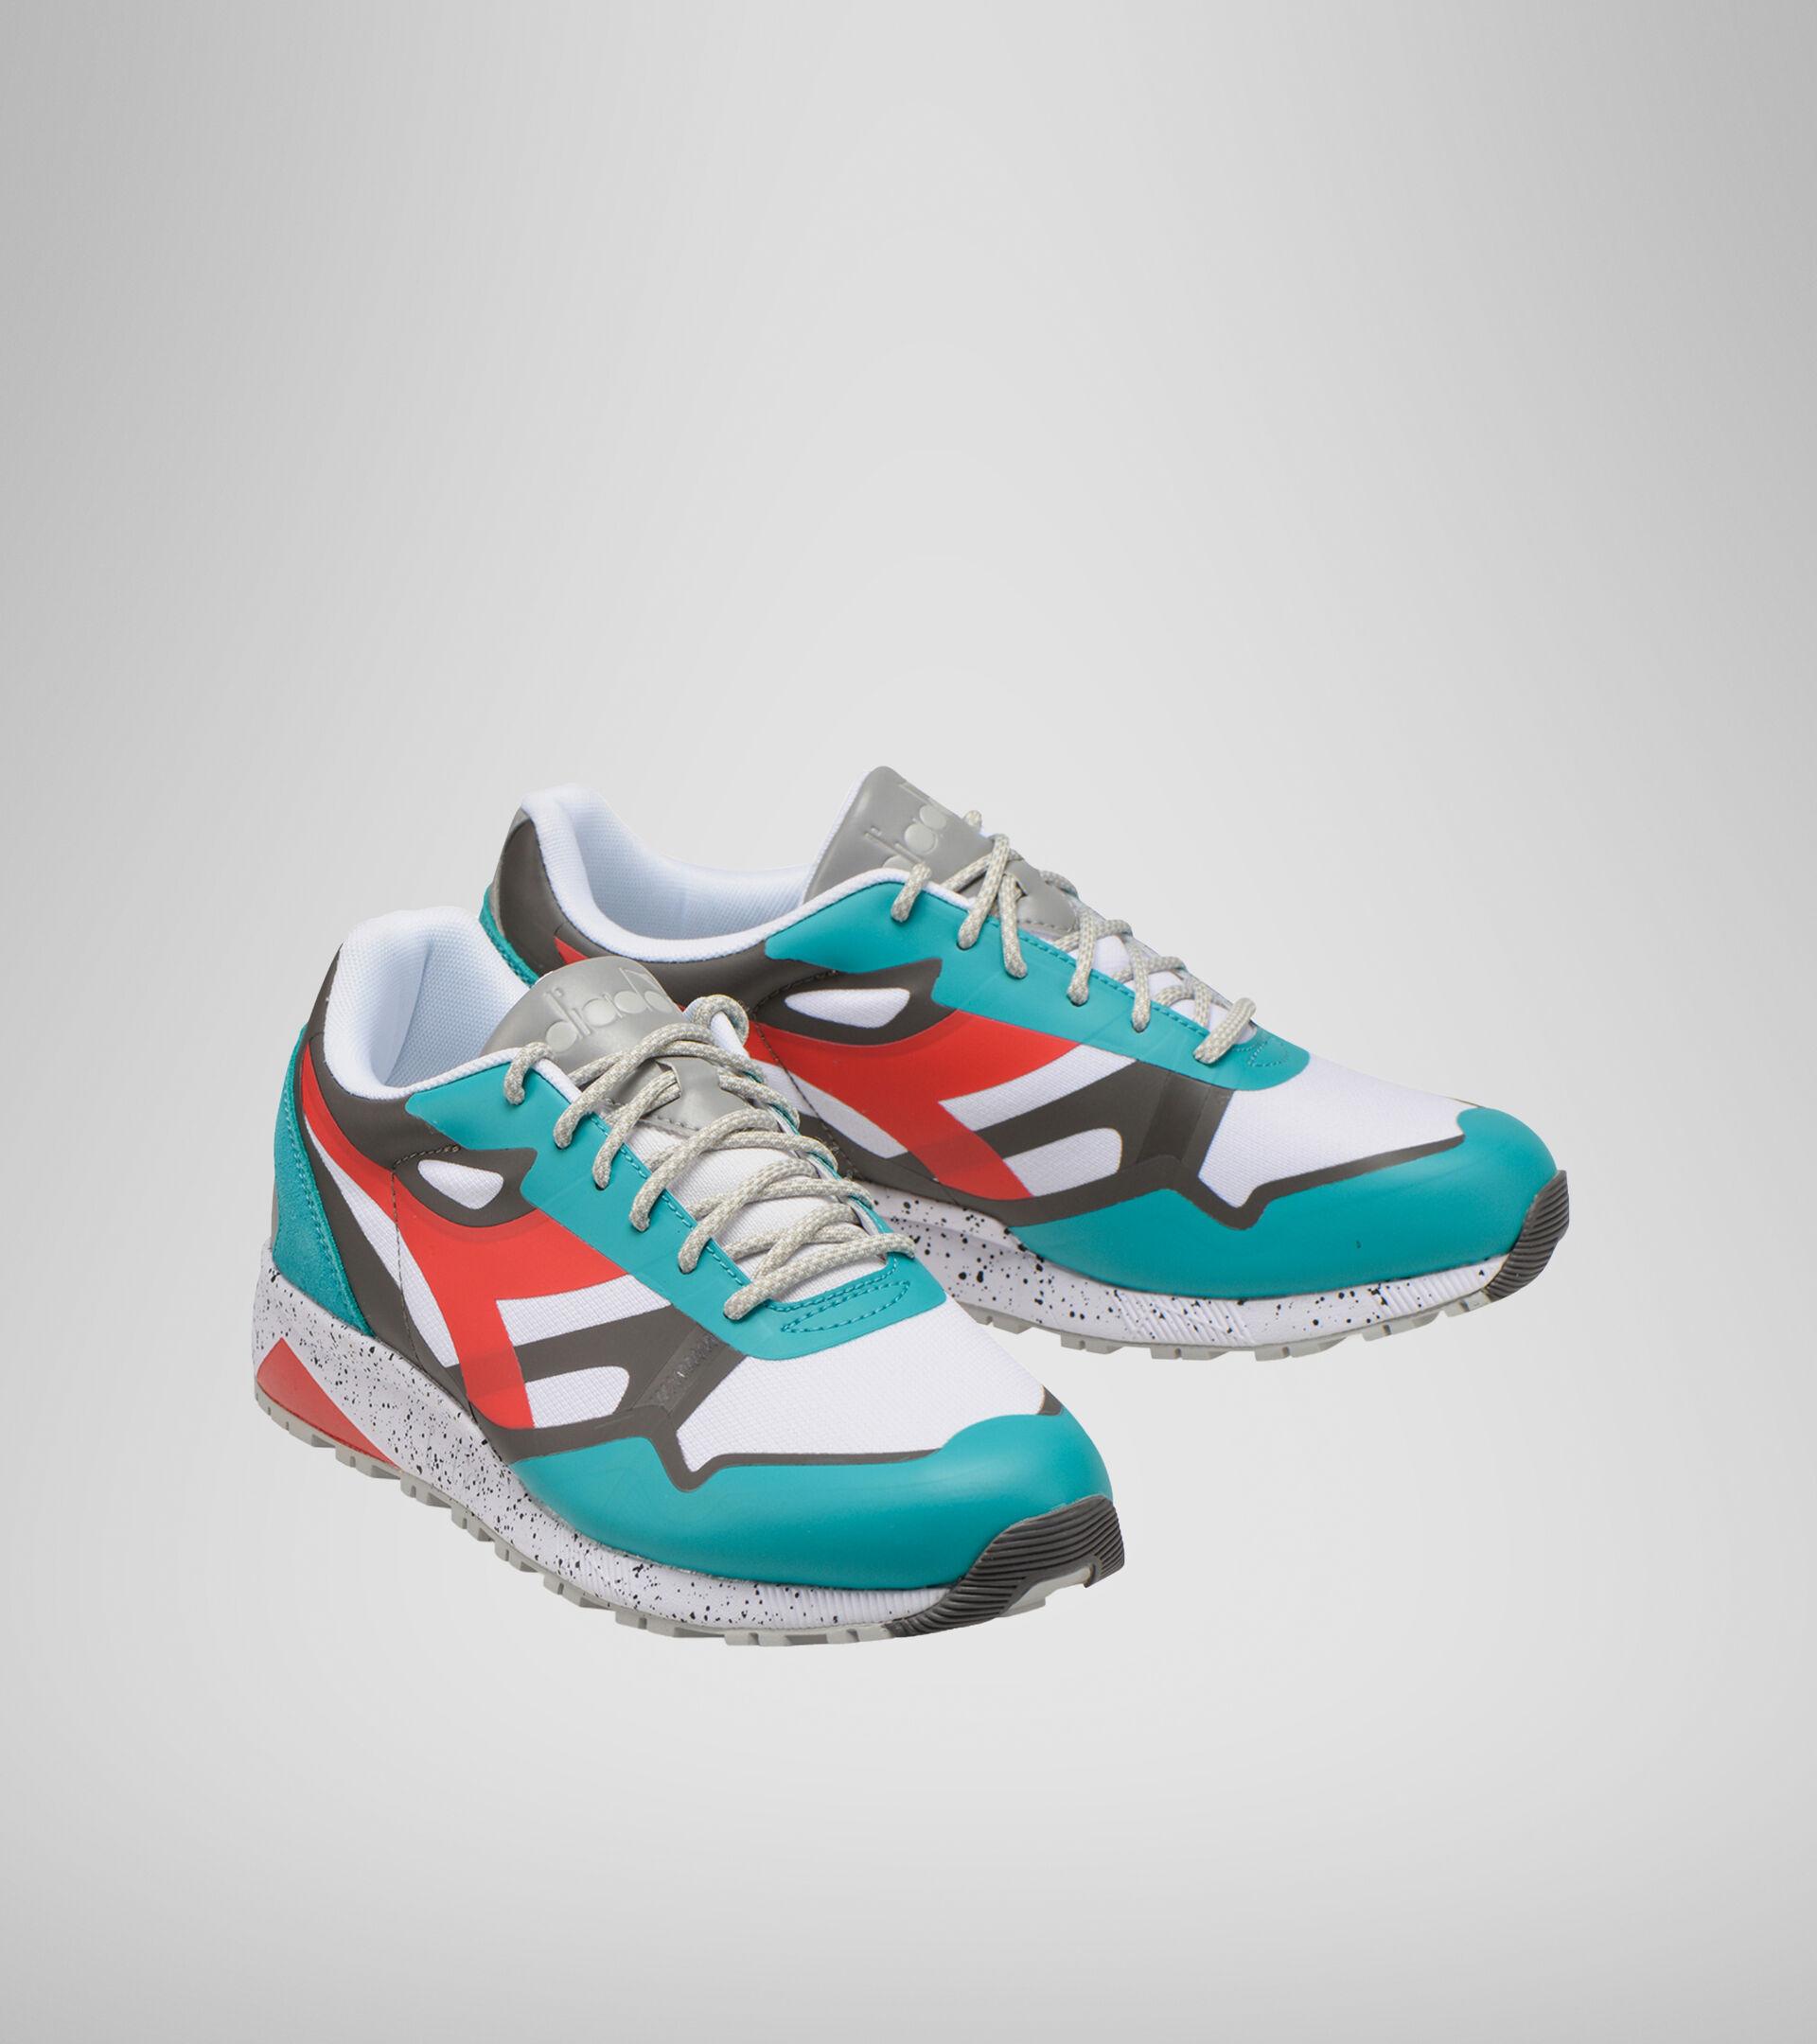 Footwear Sportswear UOMO N902 OUTDOOR VIRIDIAN GRN/CAYENNE/EIFFEL TO Diadora